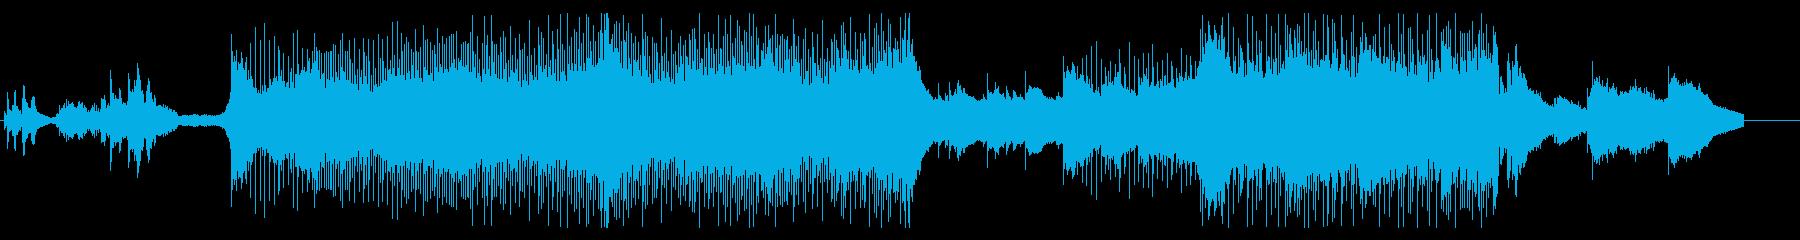 【バンド】希望_前向き_ポジティブの再生済みの波形